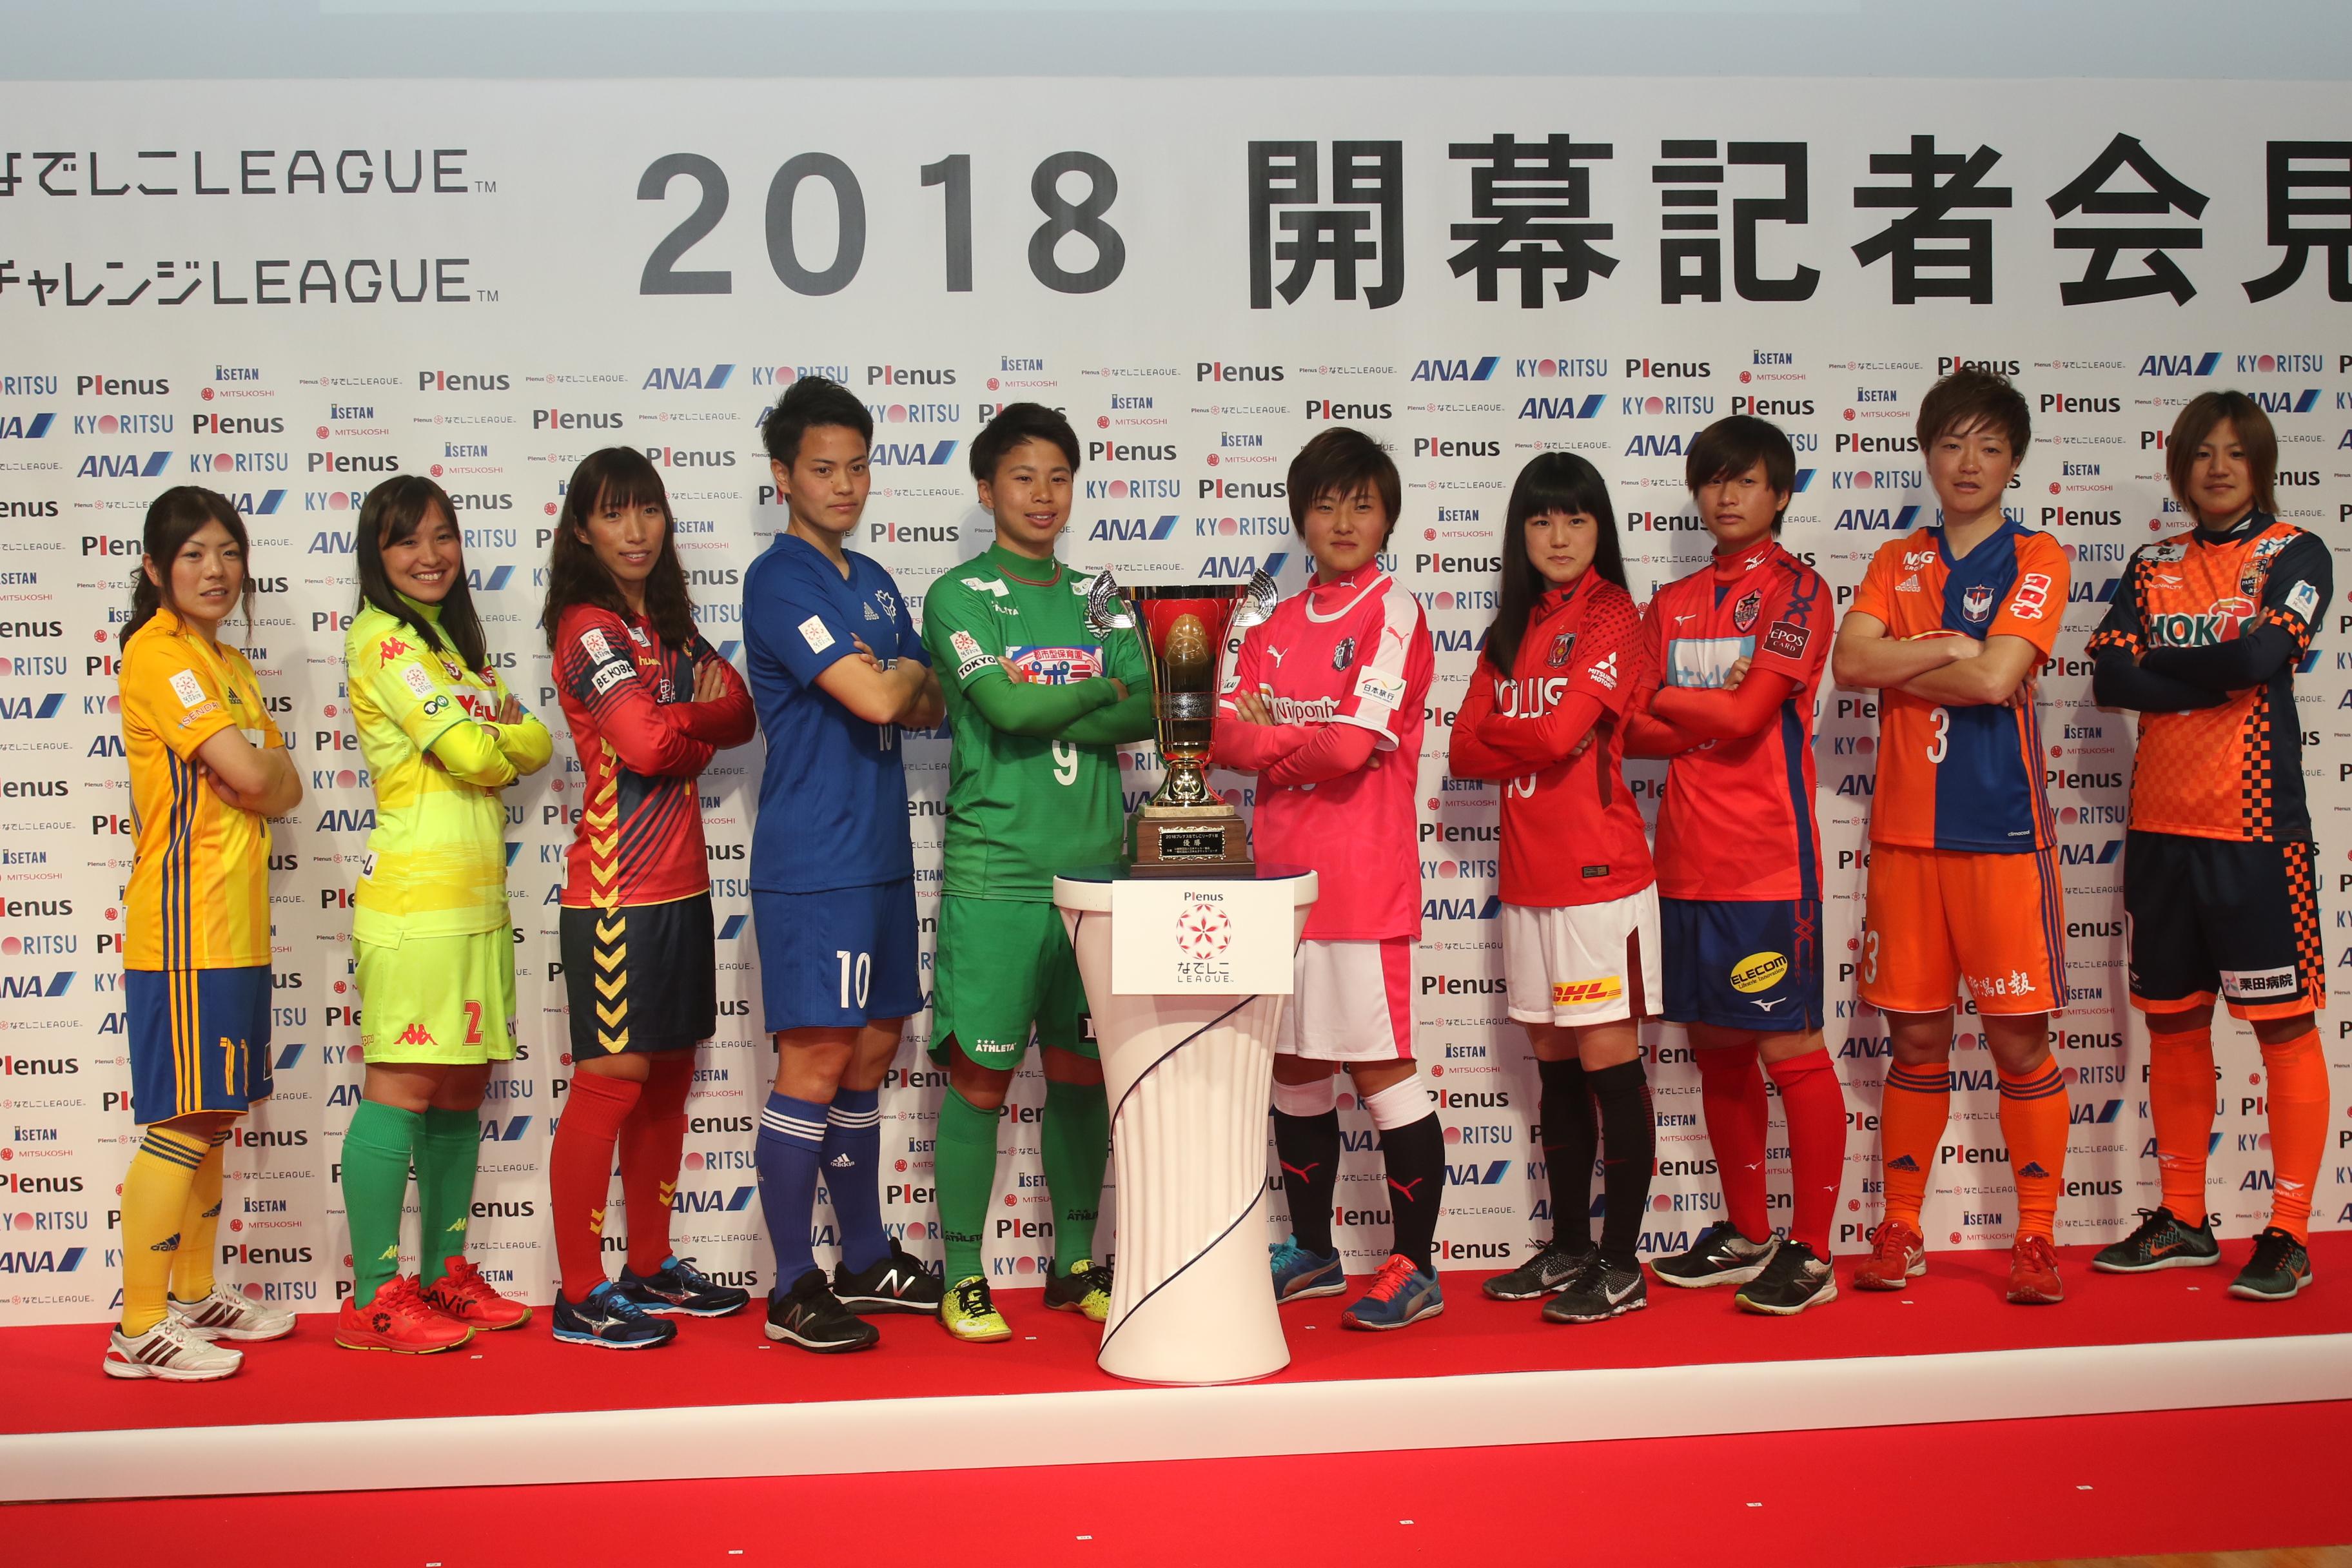 日本女子サッカーリーグは12日、プレナスなでしこリーグ・プレナスチャレンジリーグの開幕記者会見を行った【写真:Getty Images】